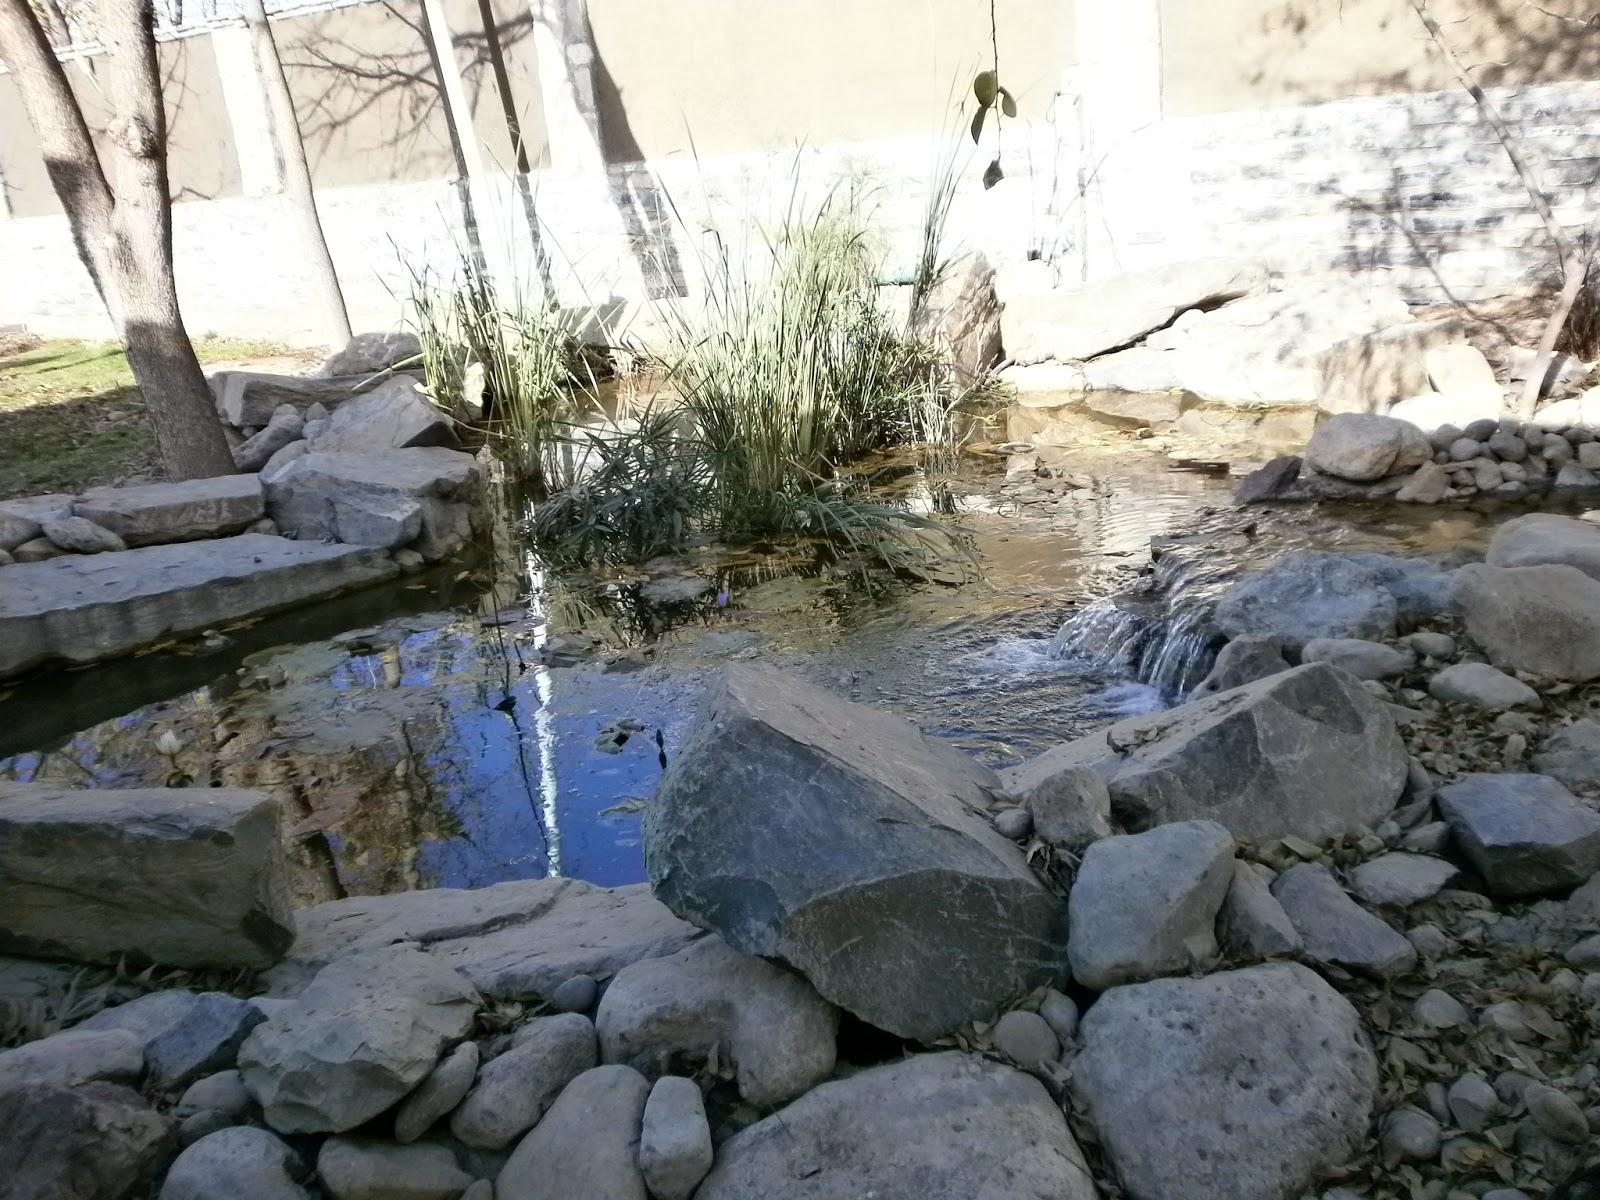 Albercas rios y lagos artificiales cascadas muro lloron for Construccion de fuentes y cascadas